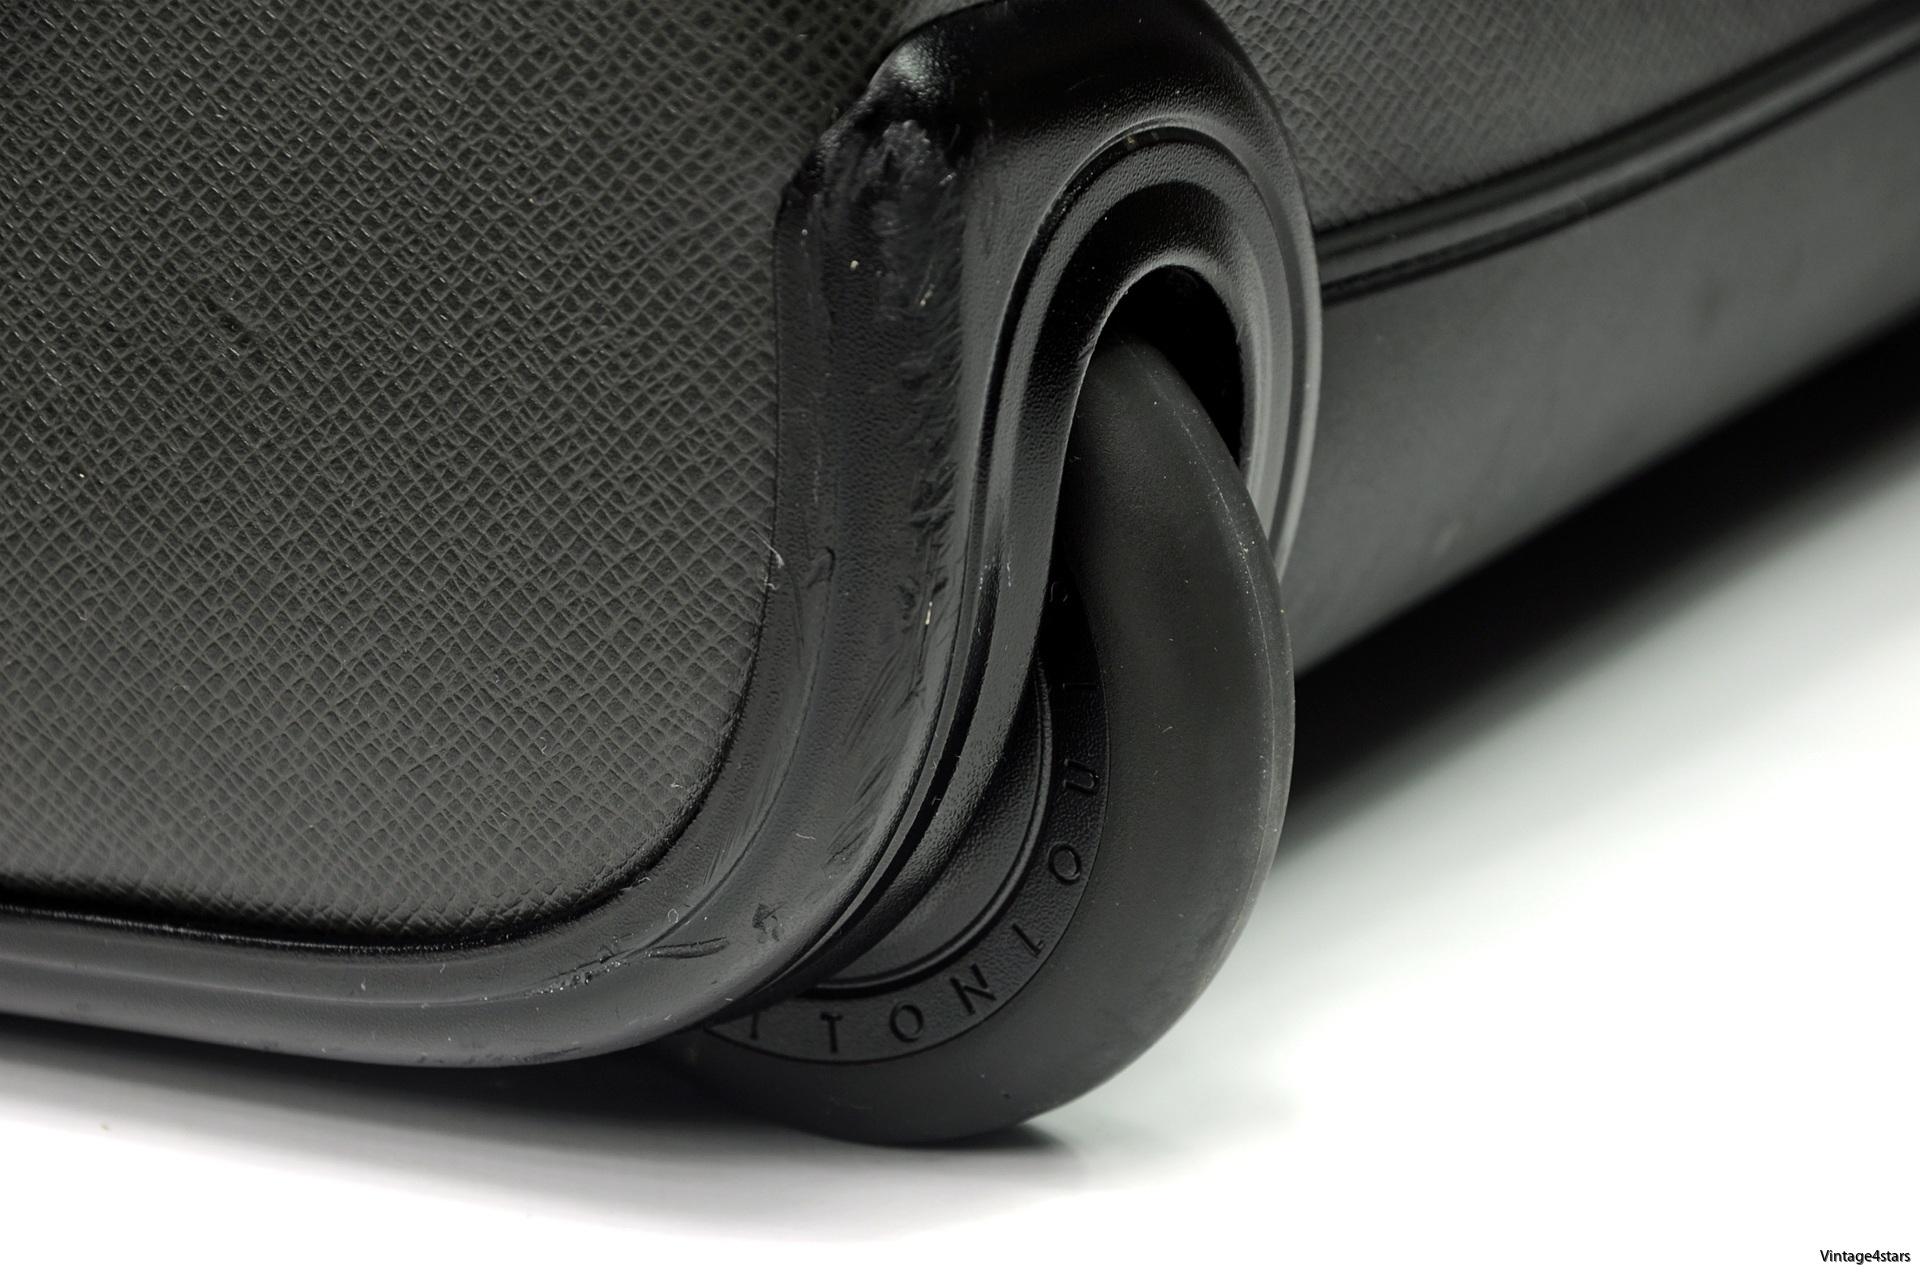 Louis Vuitton Pegase 55 Taiga Ardoise 11 1